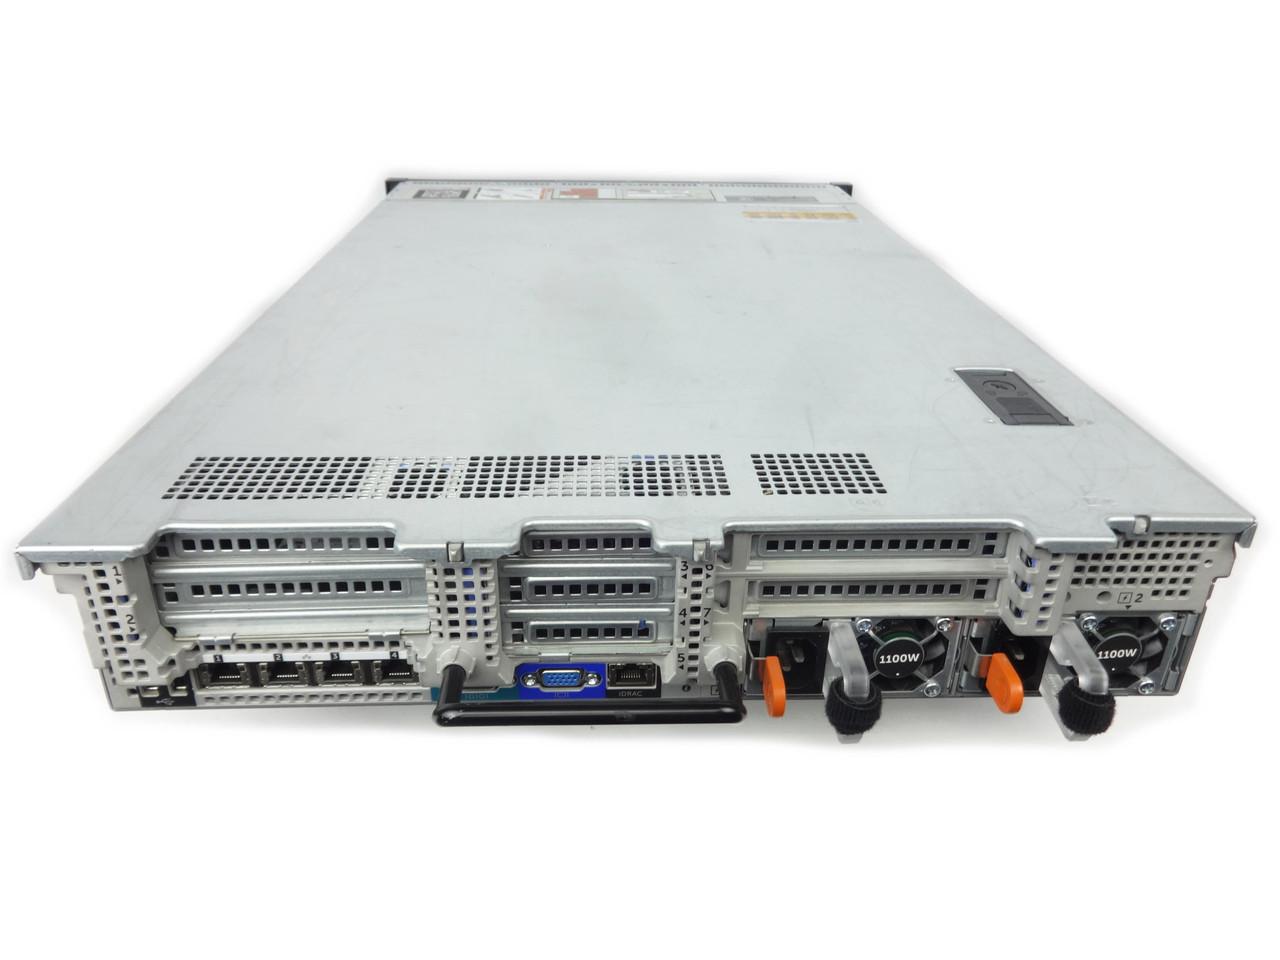 Dell Poweredge 16 Bay Server Back